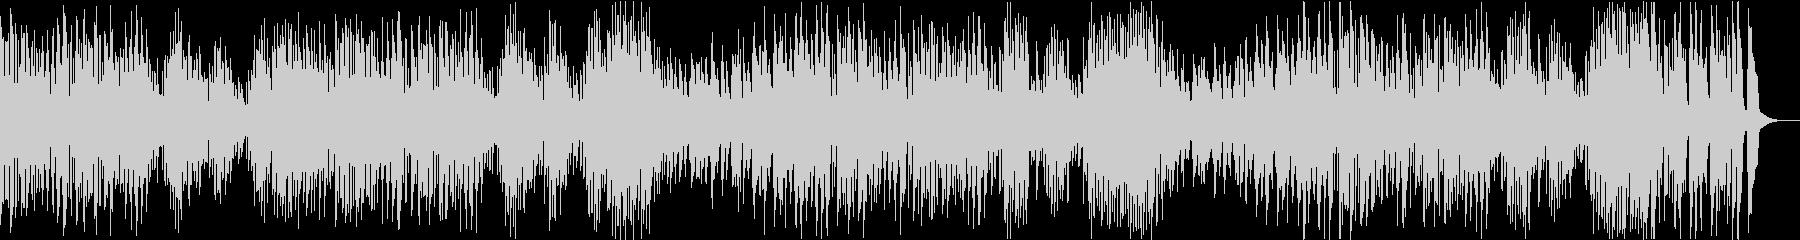 ピアノの練習シーン等に最適なソナチネ風曲の未再生の波形